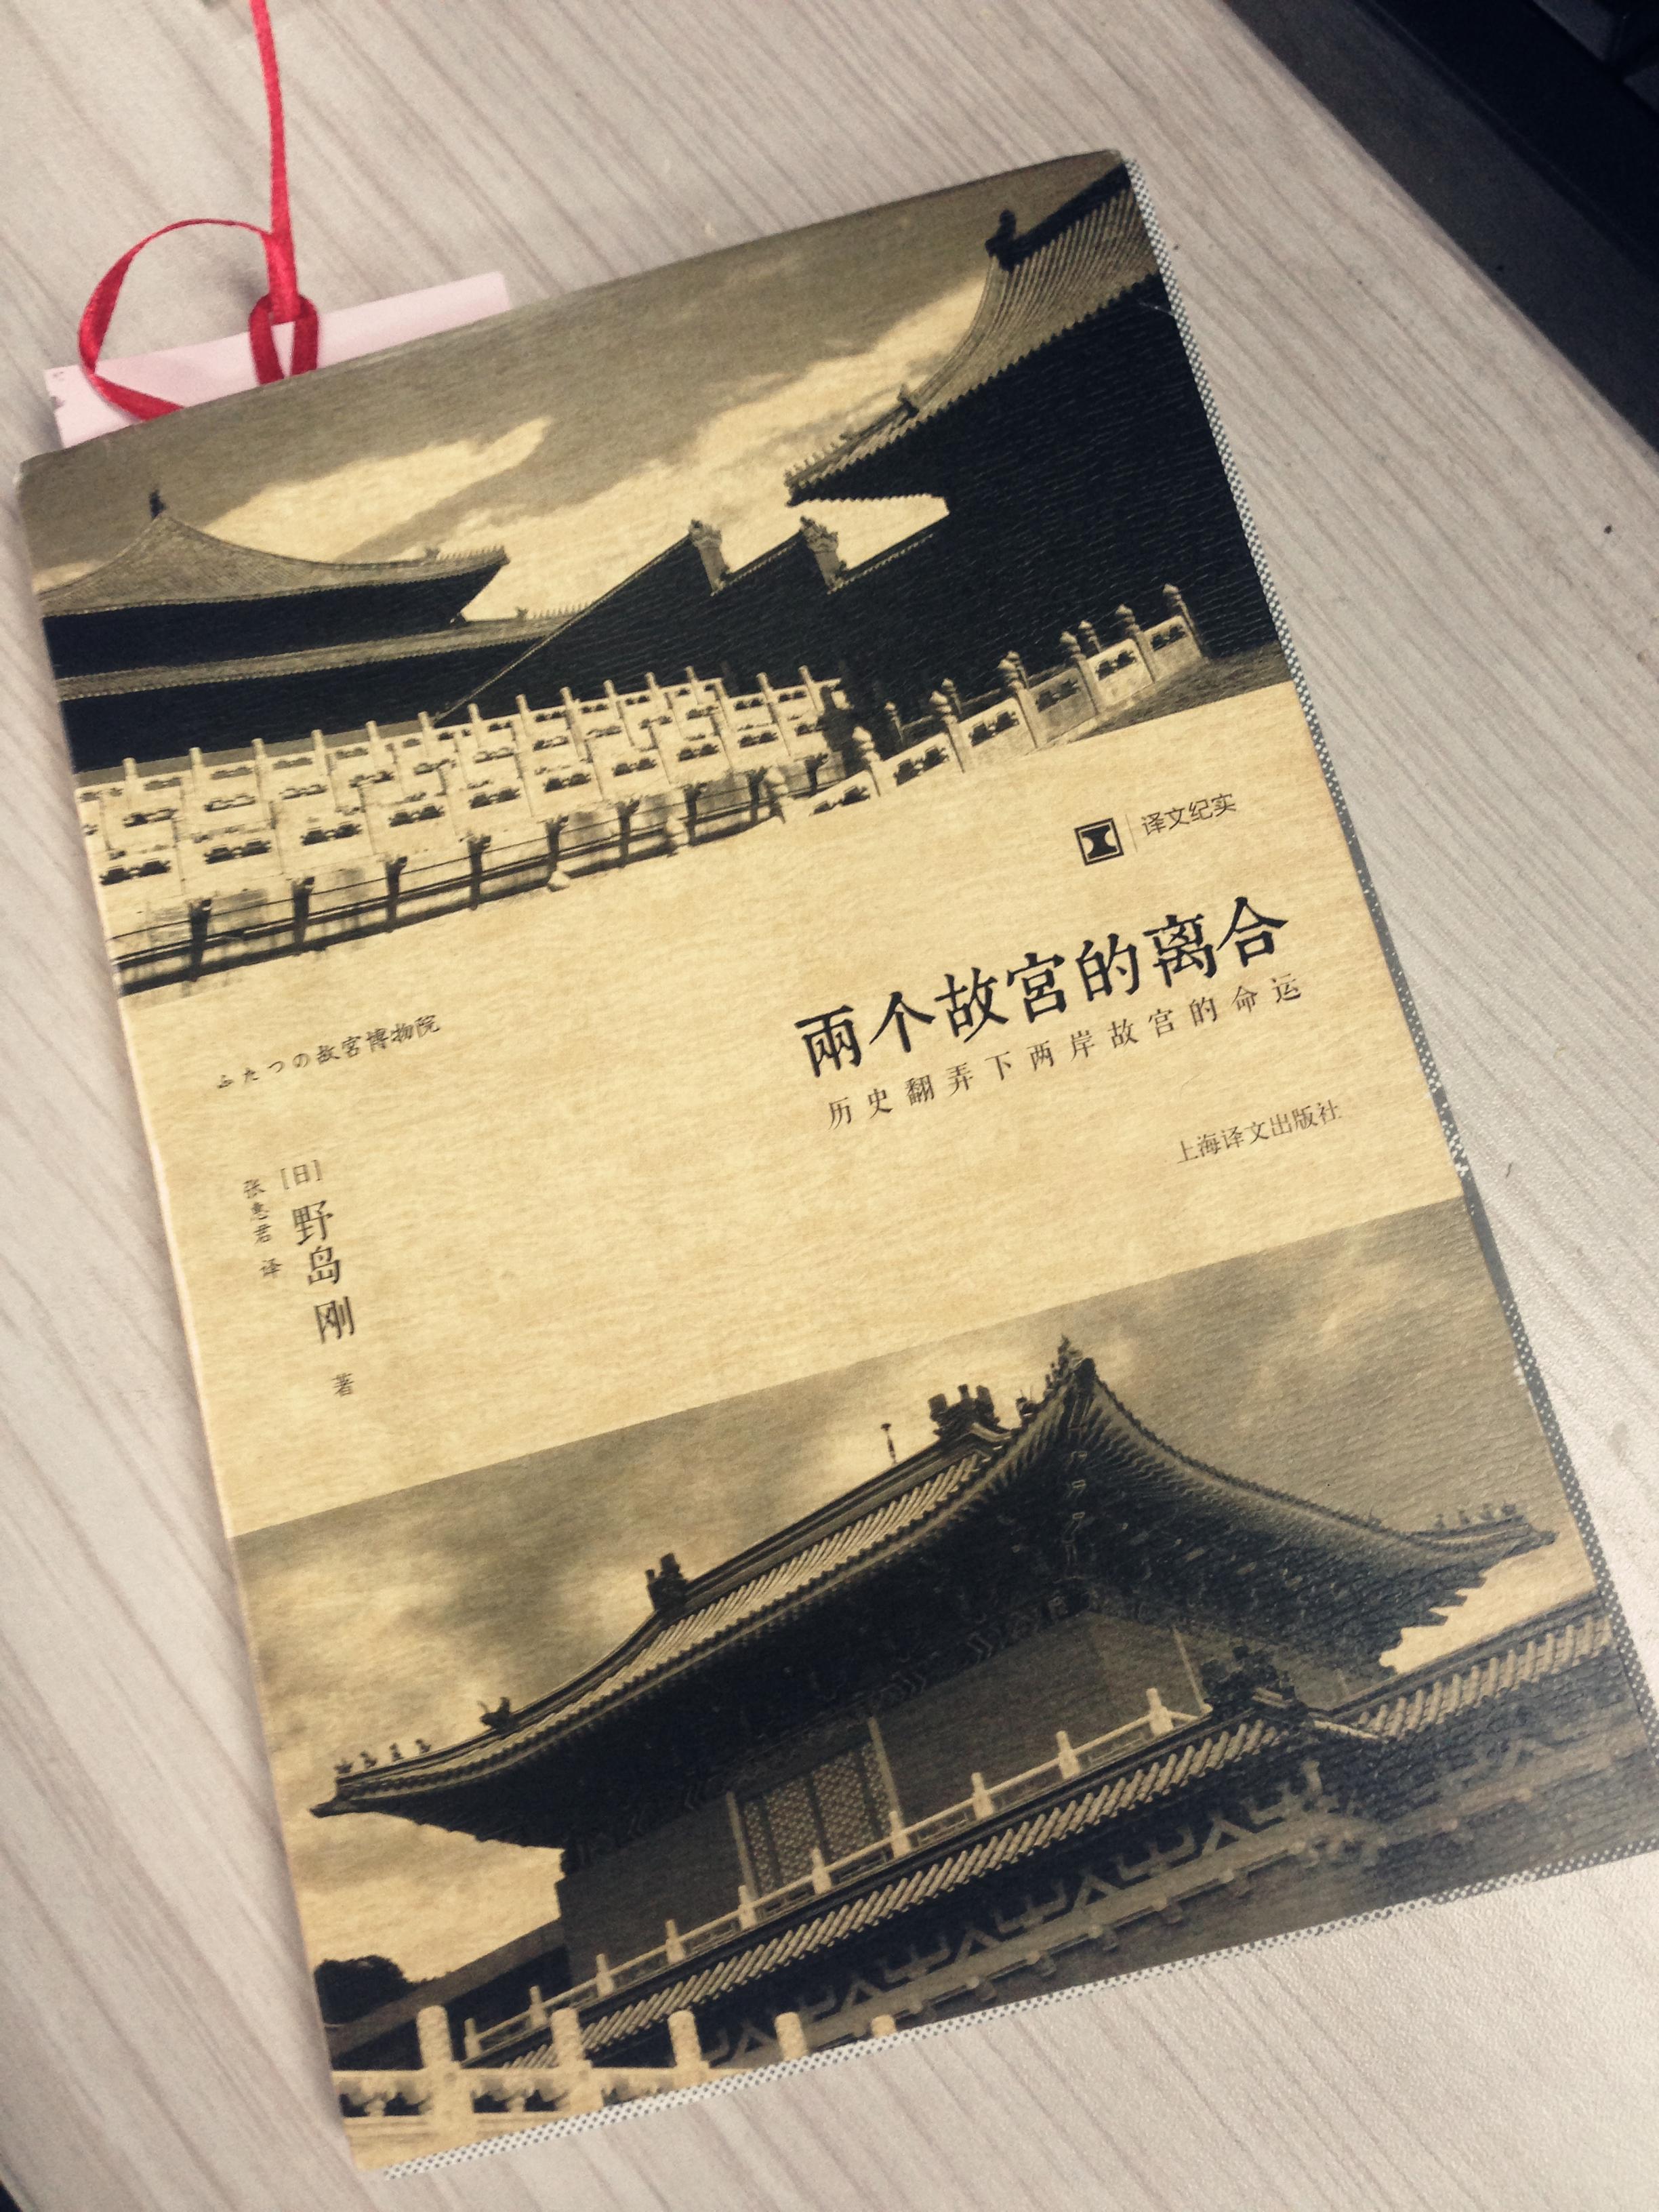 台北-台湾-两个故宫的离合-郑艳菲